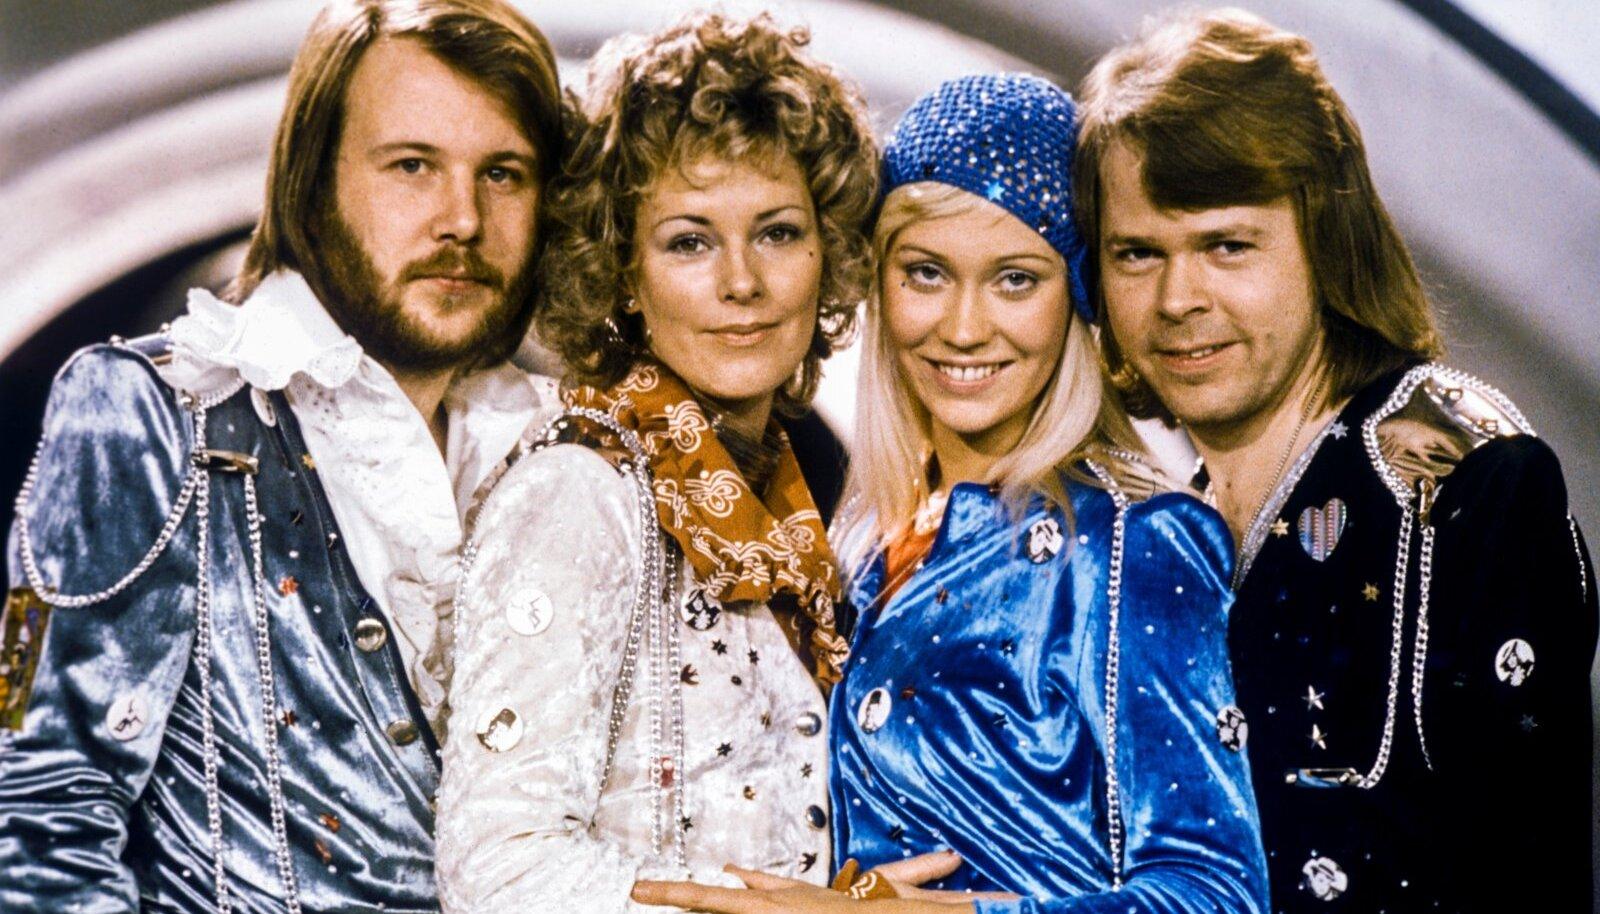 ABBA rahvusvahelisele kuulsusele ja edule pani aluse 1974. aasta Eurovisioni võit. Enne seda oli ABBA ka Rootsis võrdlemisi vähe tuntud ansambel.